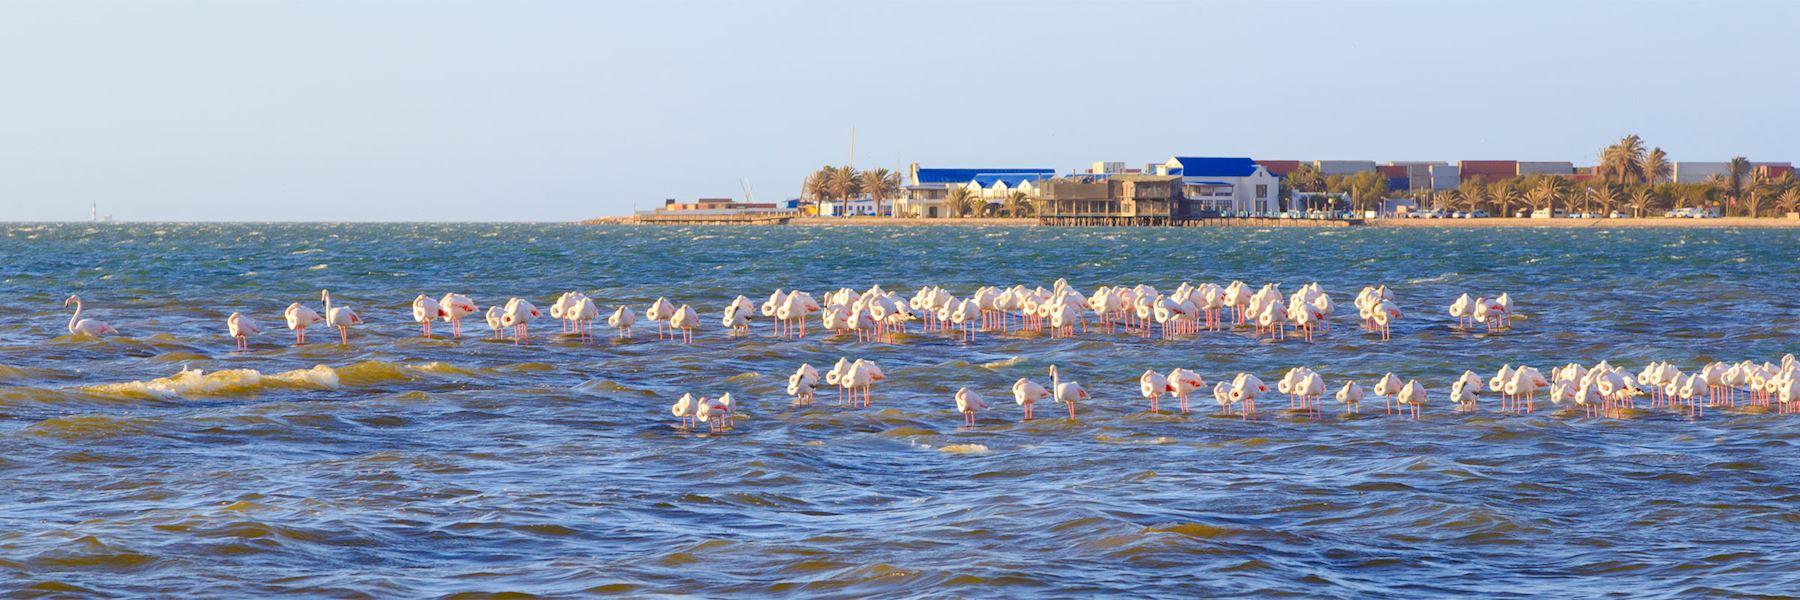 Visit Walvis Bay, Namibia